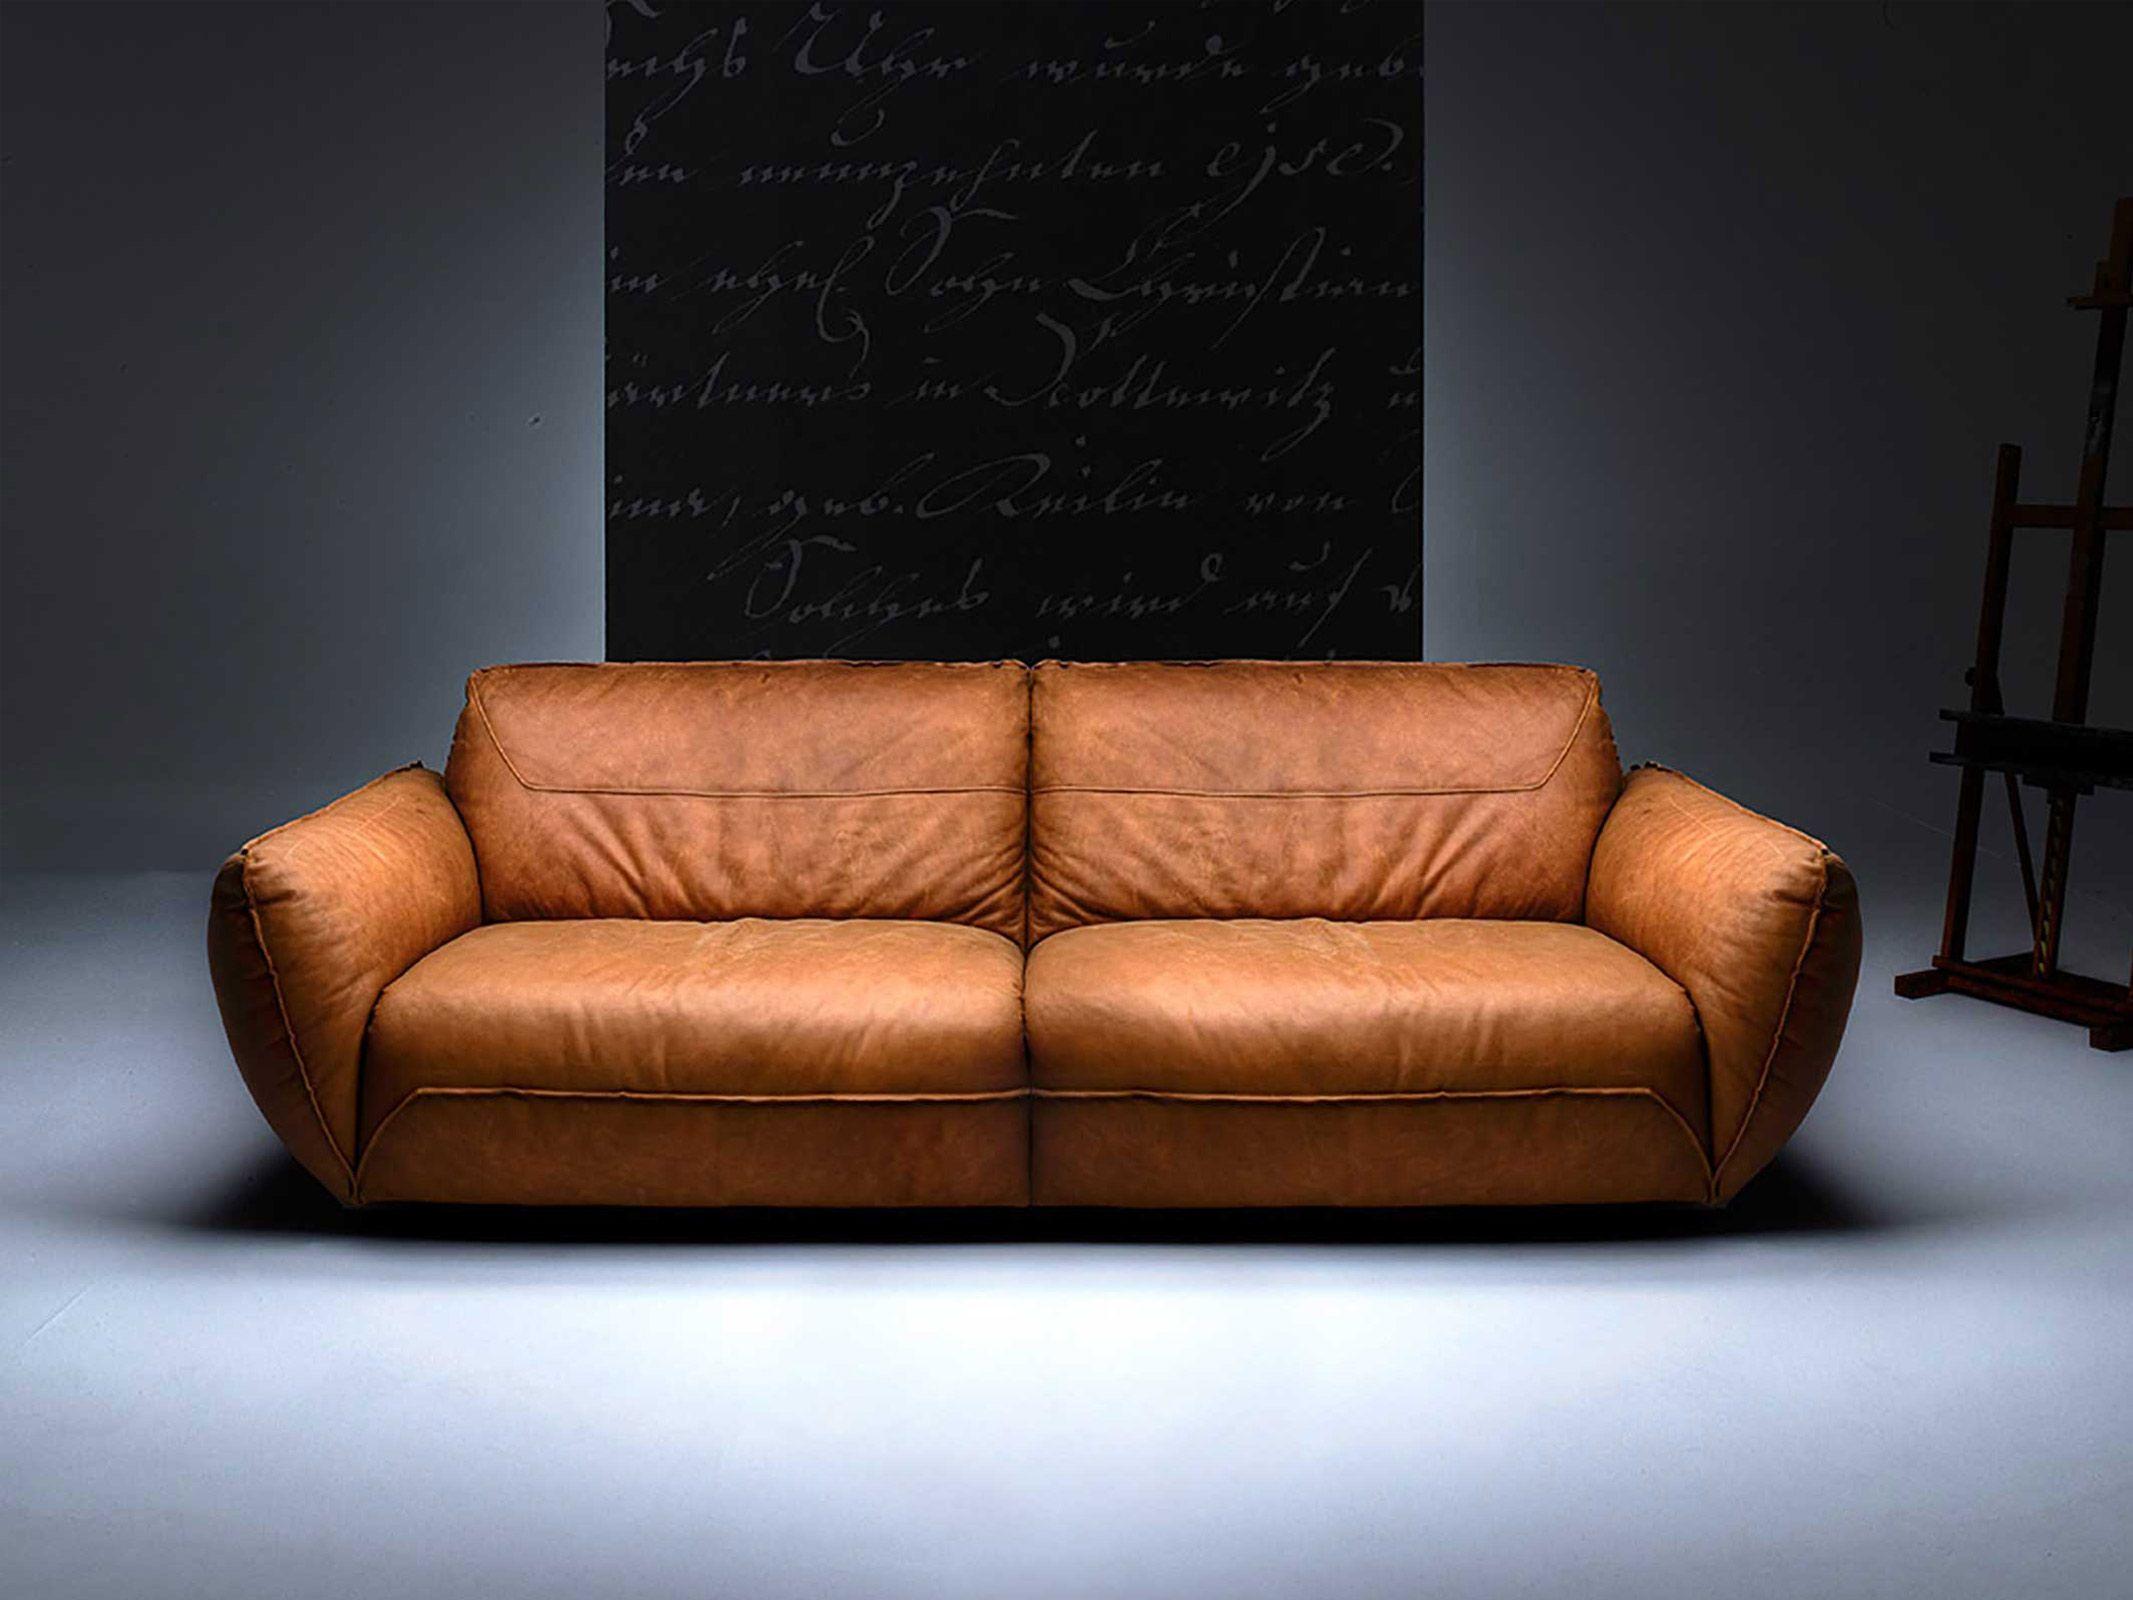 Ein Sofa Wie Ein Baseballhandschuh Die Aussergewohnlich Komfortable Polsterung Mit Federn Im Sitz Suggeriert Wohlbehagen Und Gemutlichkeit Auf 소파 디자인 소파 디자인